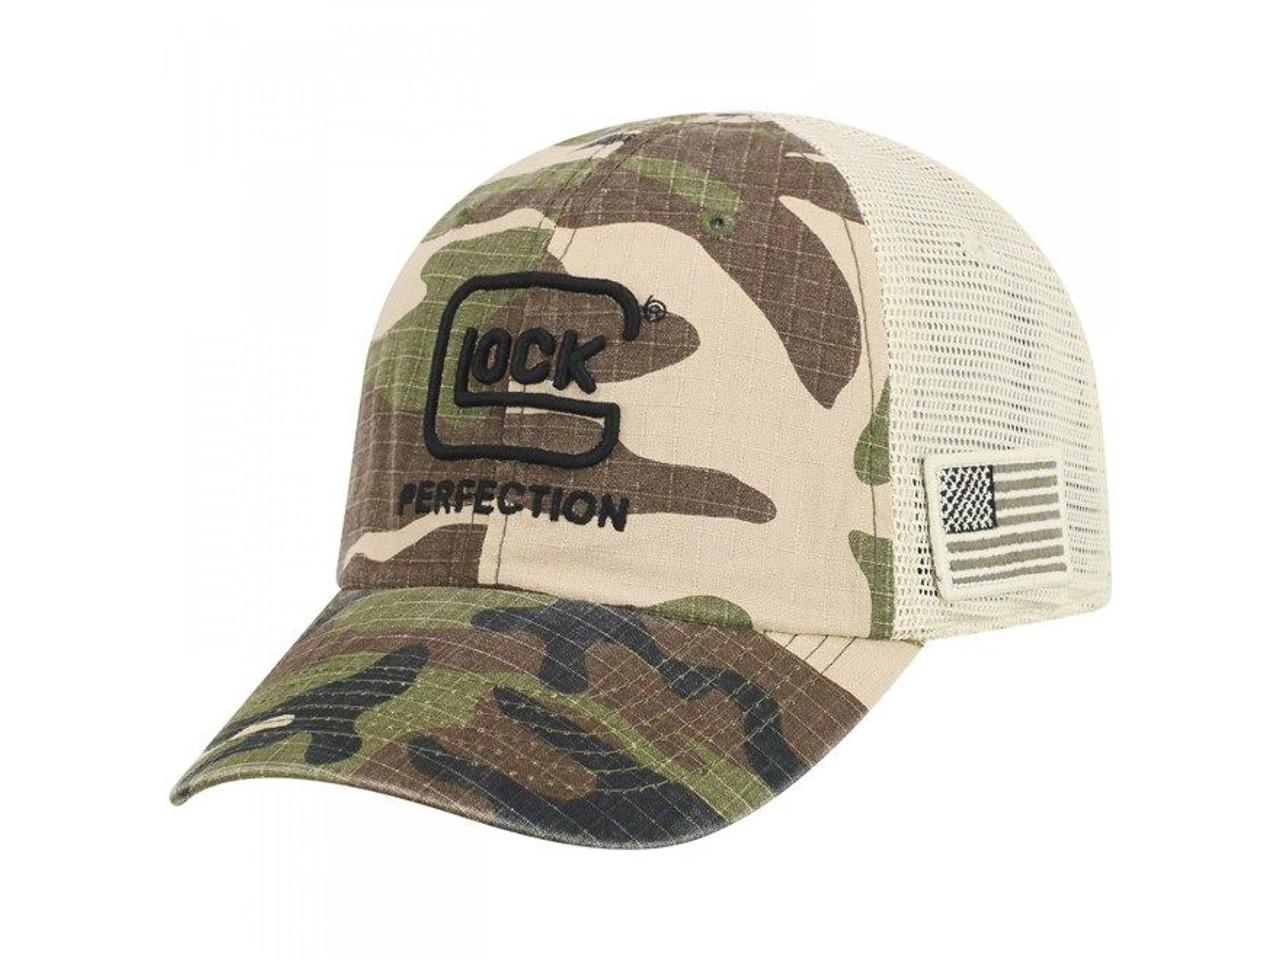 Glock Declare Mesh Trucker Hat